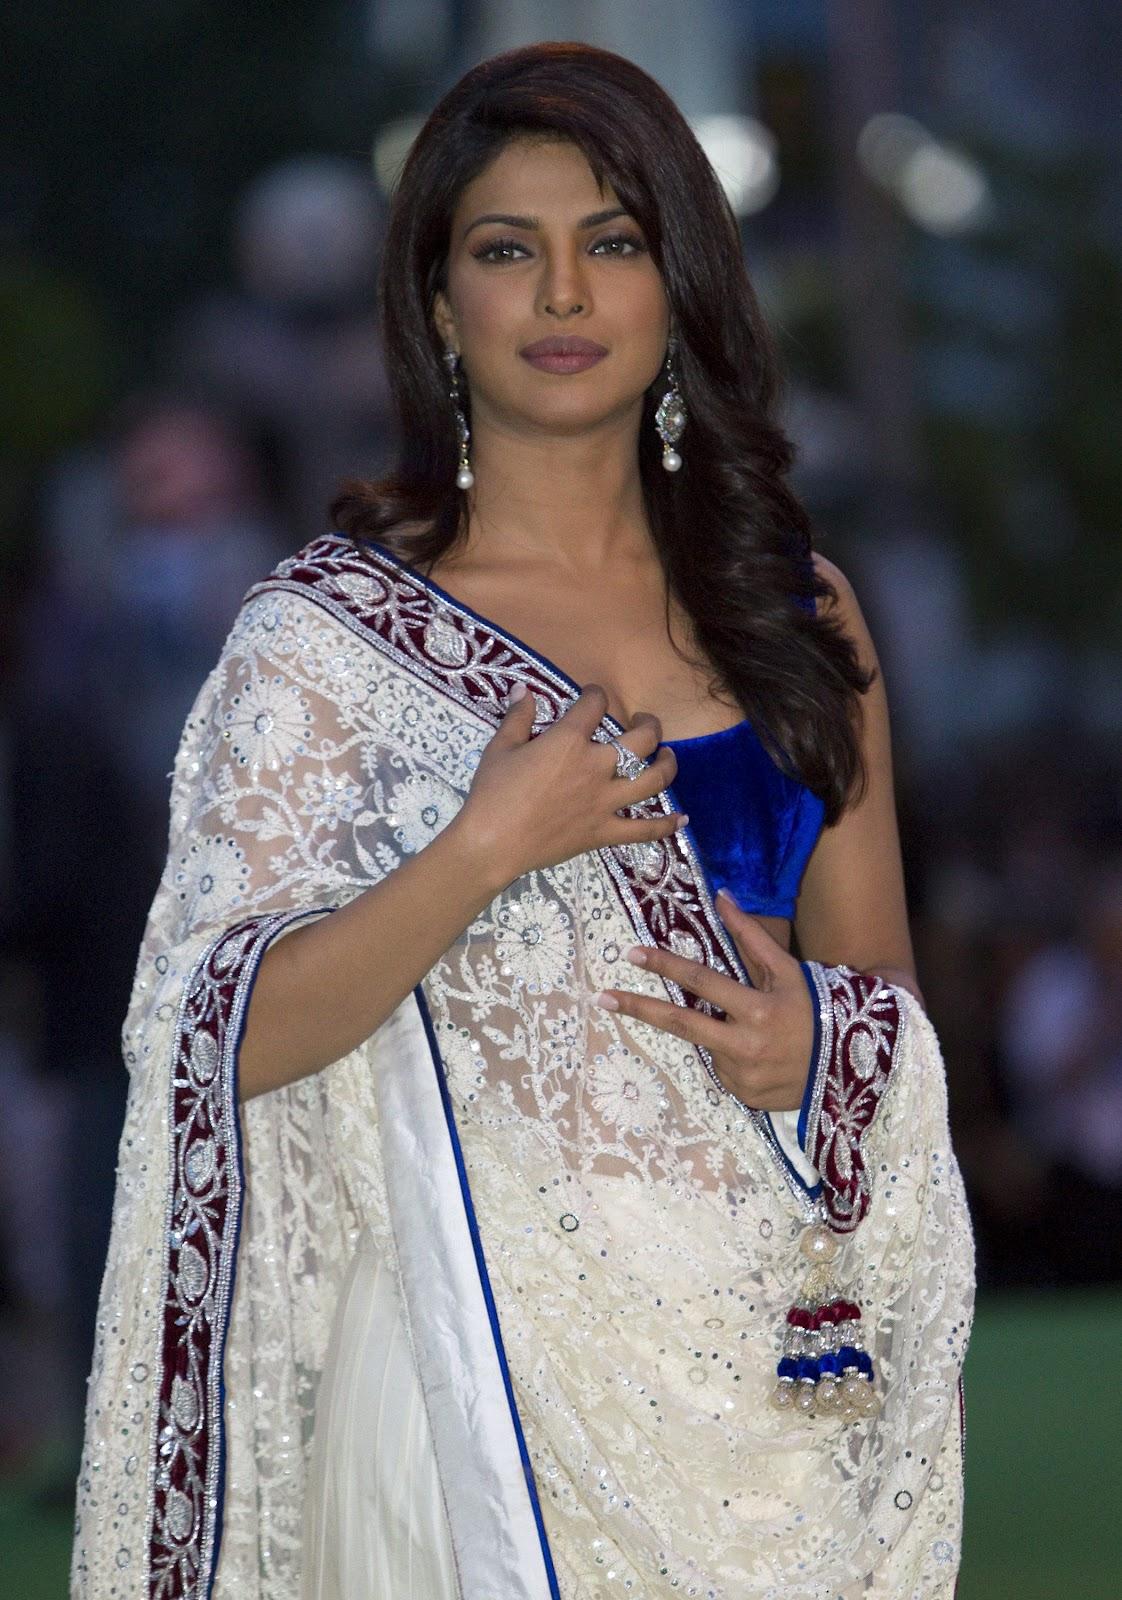 High Quality Bollywood Celebrity - 384.1KB